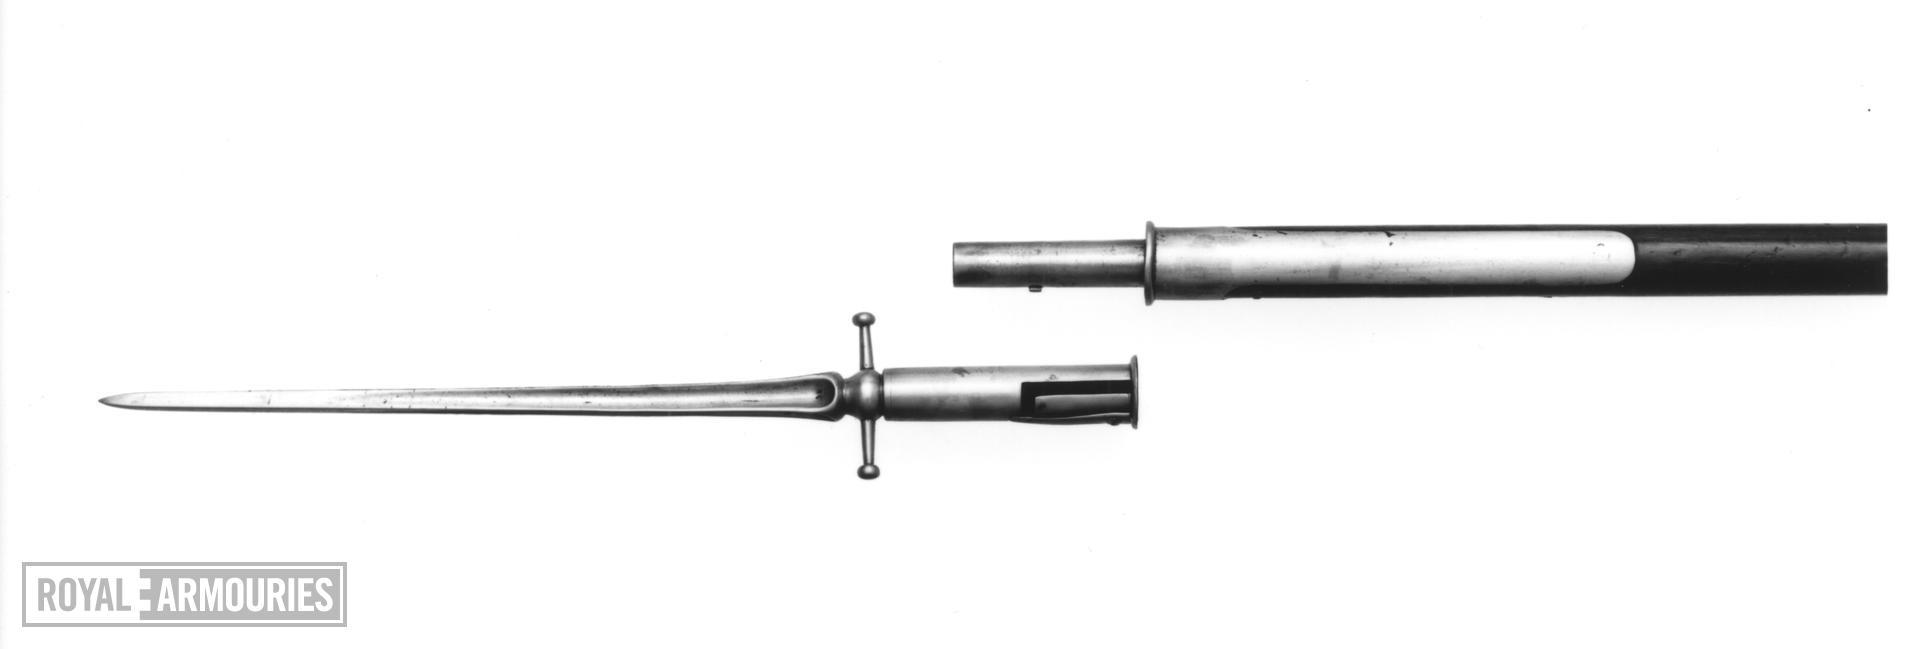 Bayonet Part of Pike Bayonet by Mortimer